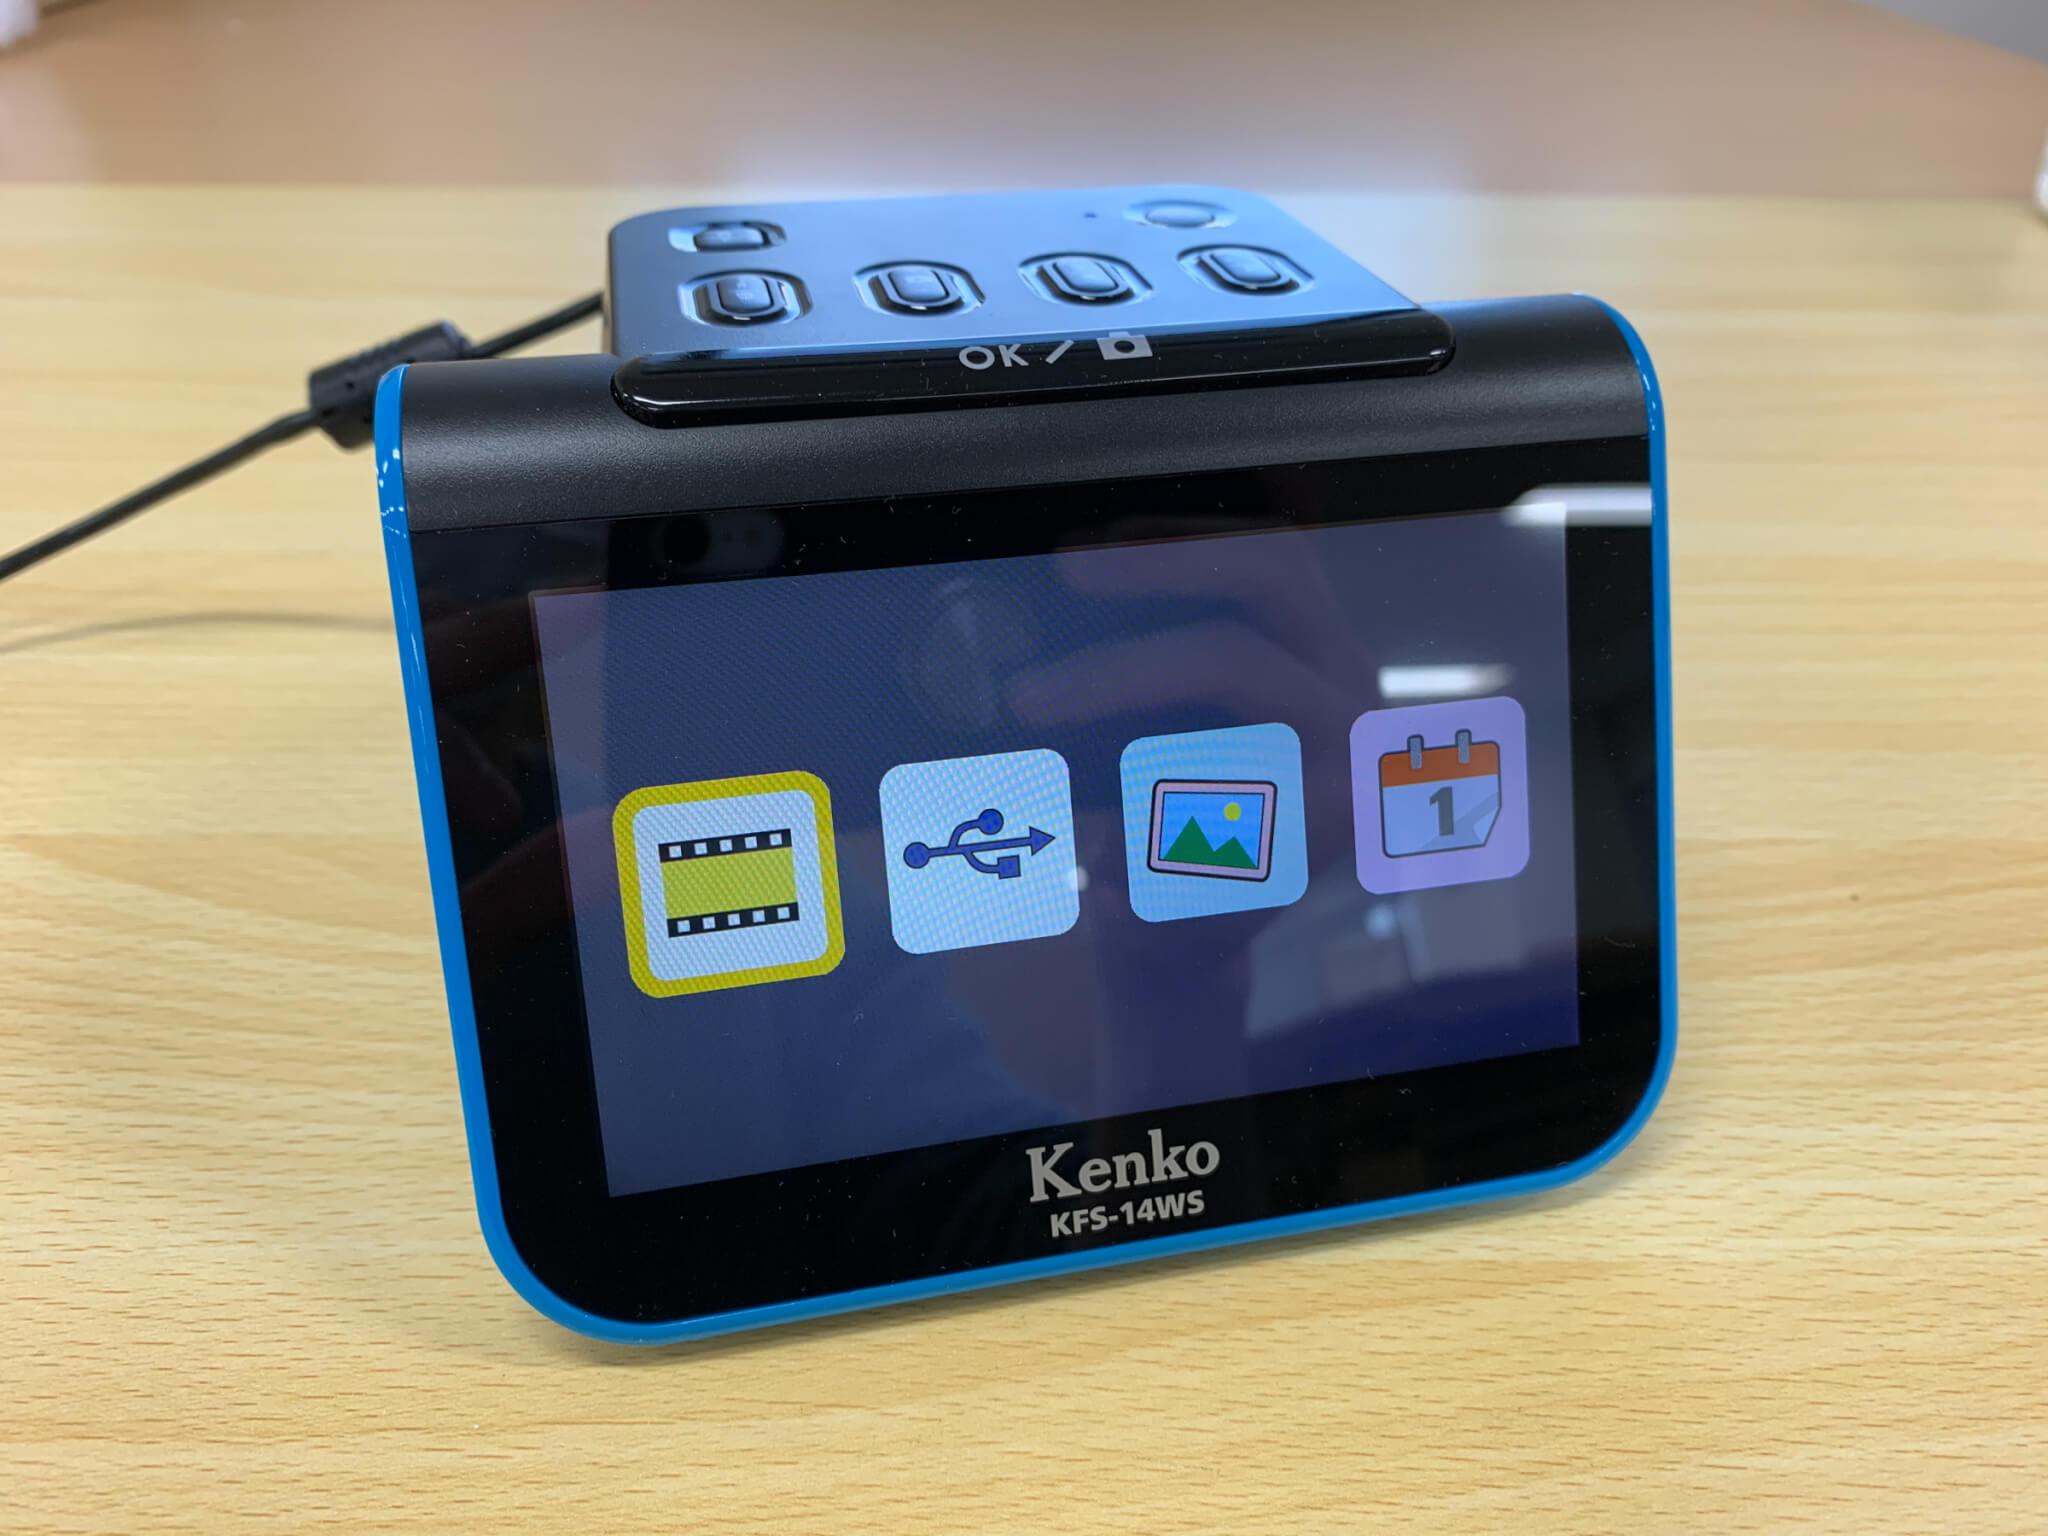 フィルムスキャナー KFS-14WSの基本操作